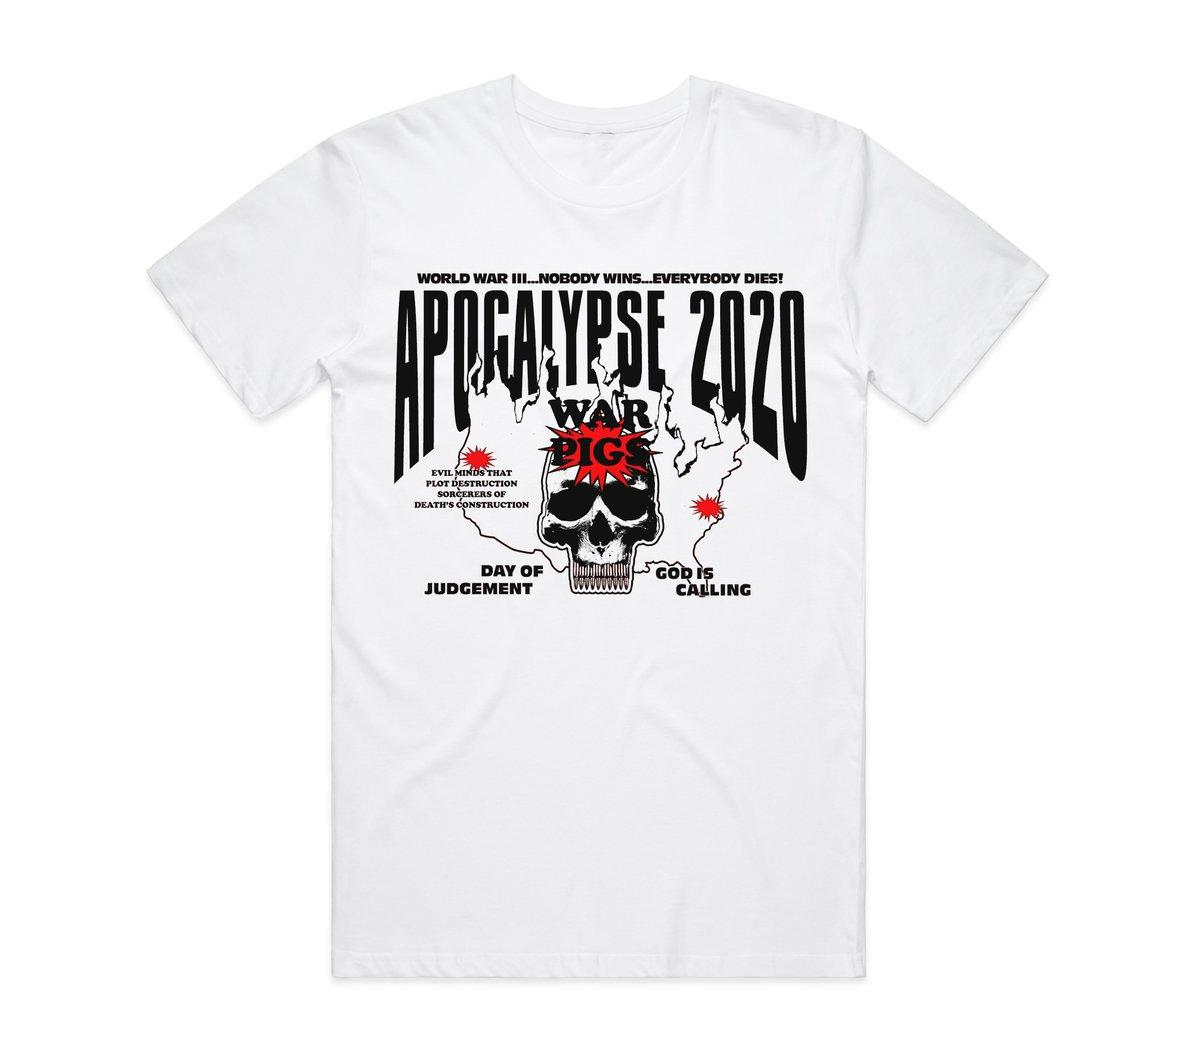 Image of Apocalypse 2020 tee